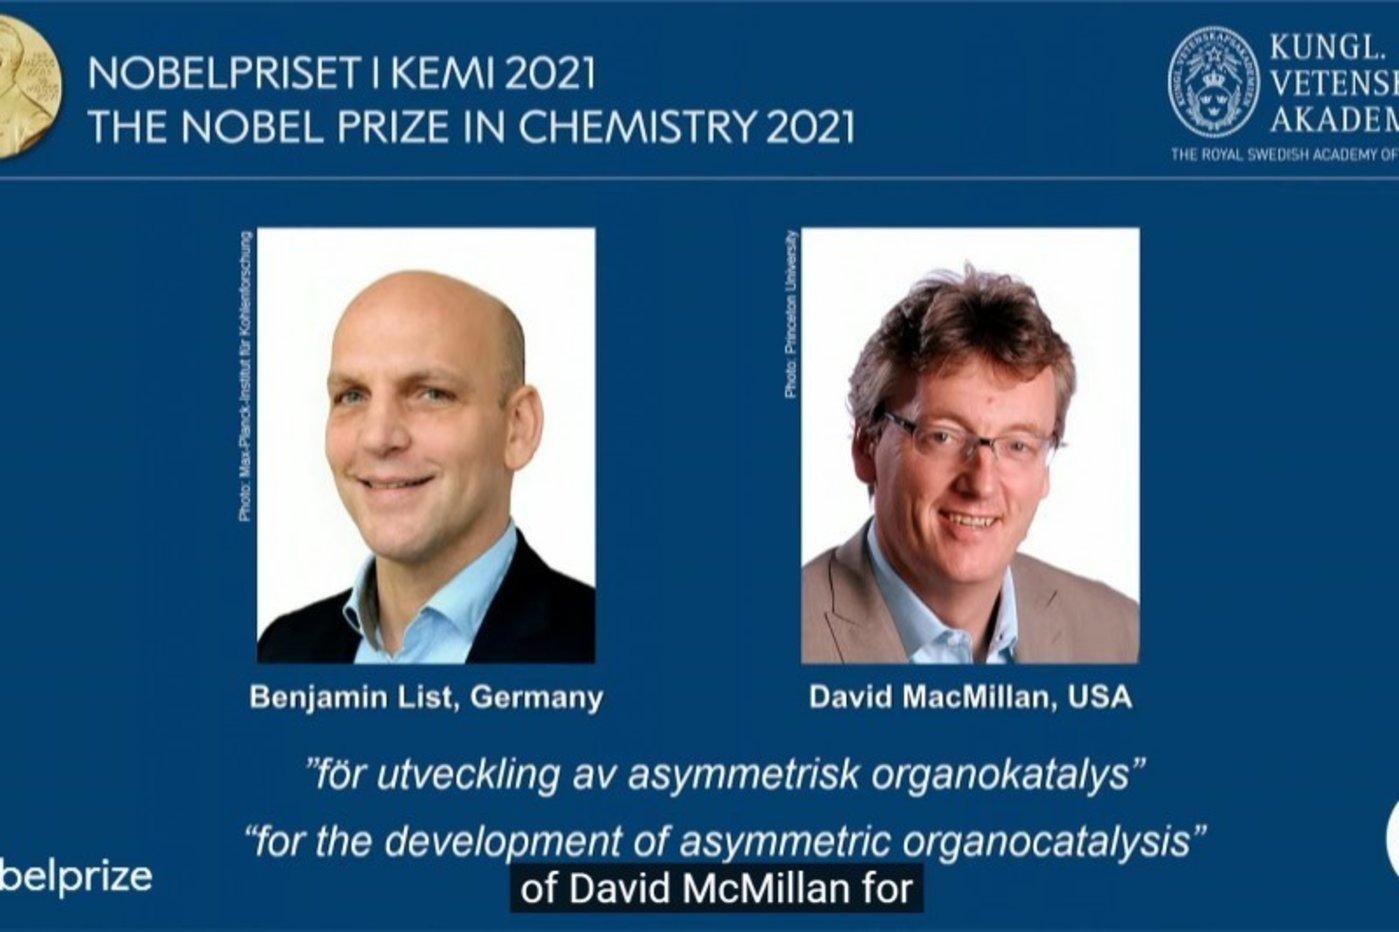 德国科学家李斯特(Benjamin List,左)、美国科学家麦克米兰(David MacMillan)(@NobelPrize/Twitter)